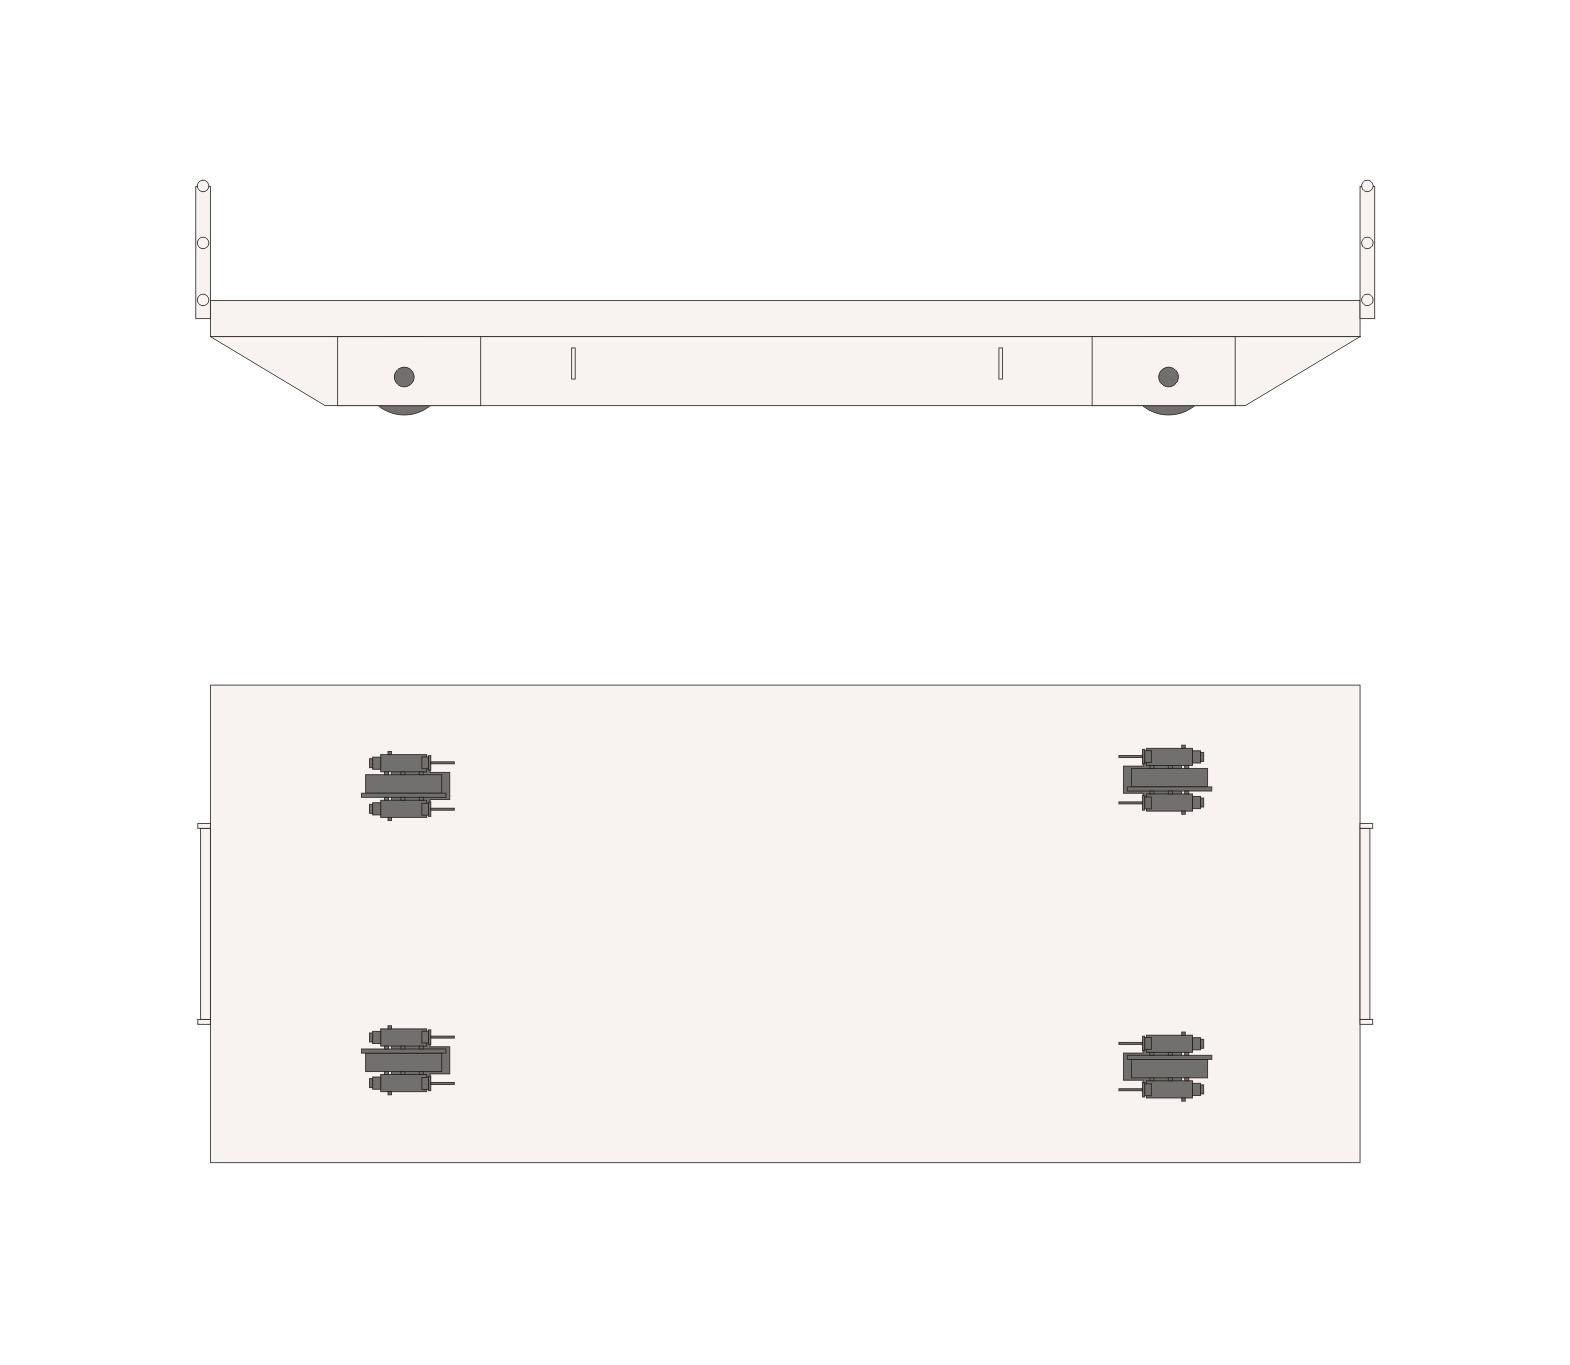 无动力轨道平车设计图.jpg